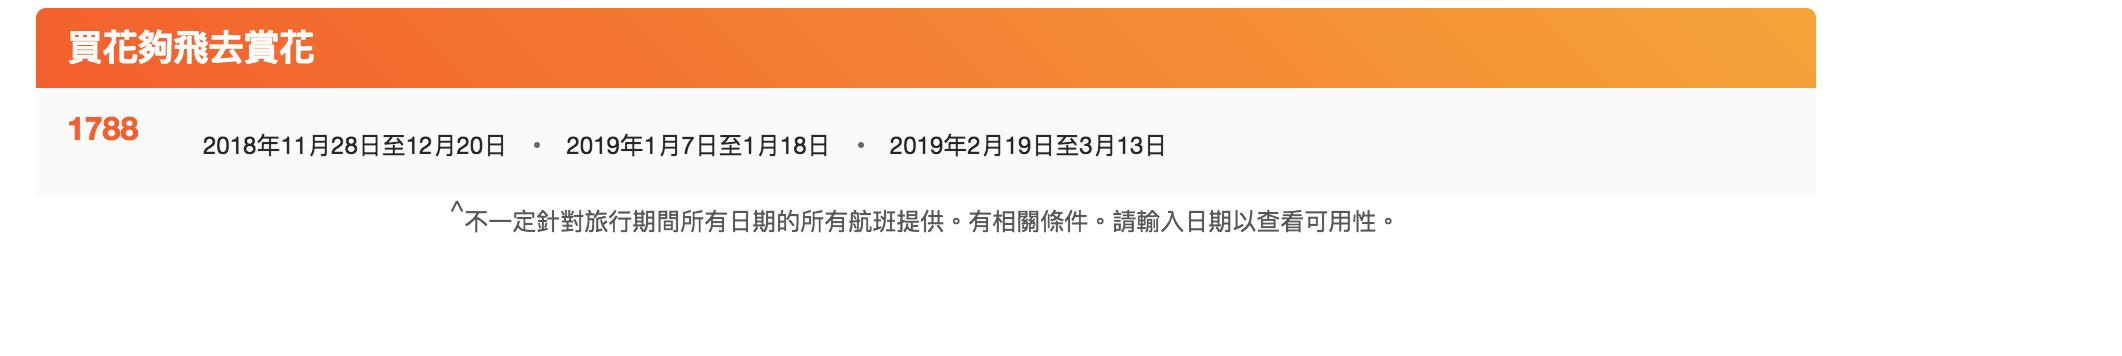 捷星促銷3月前航點促銷,大阪、新加坡、東京,限定區間、票價超低又超多~小秘招可省更多~(查票:107.10.24)